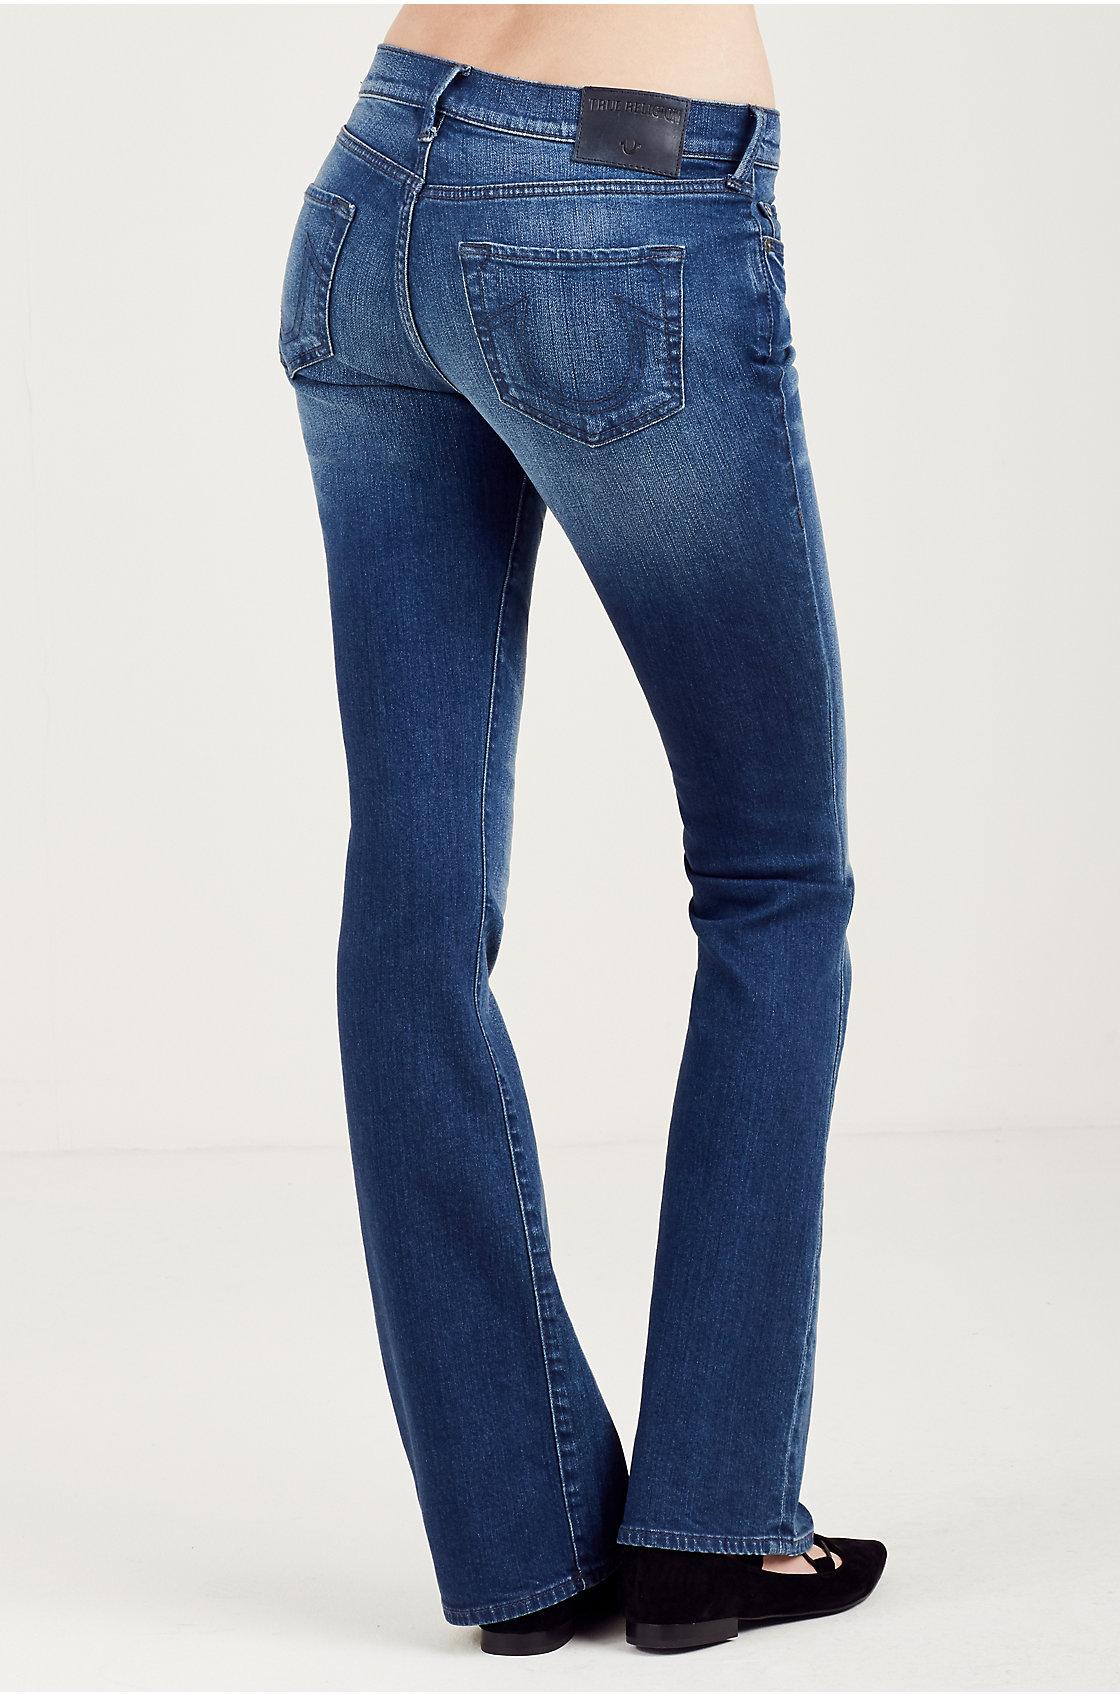 True Religion Mujer Becca Mediados De Subida Bootcut Jeans Ebay